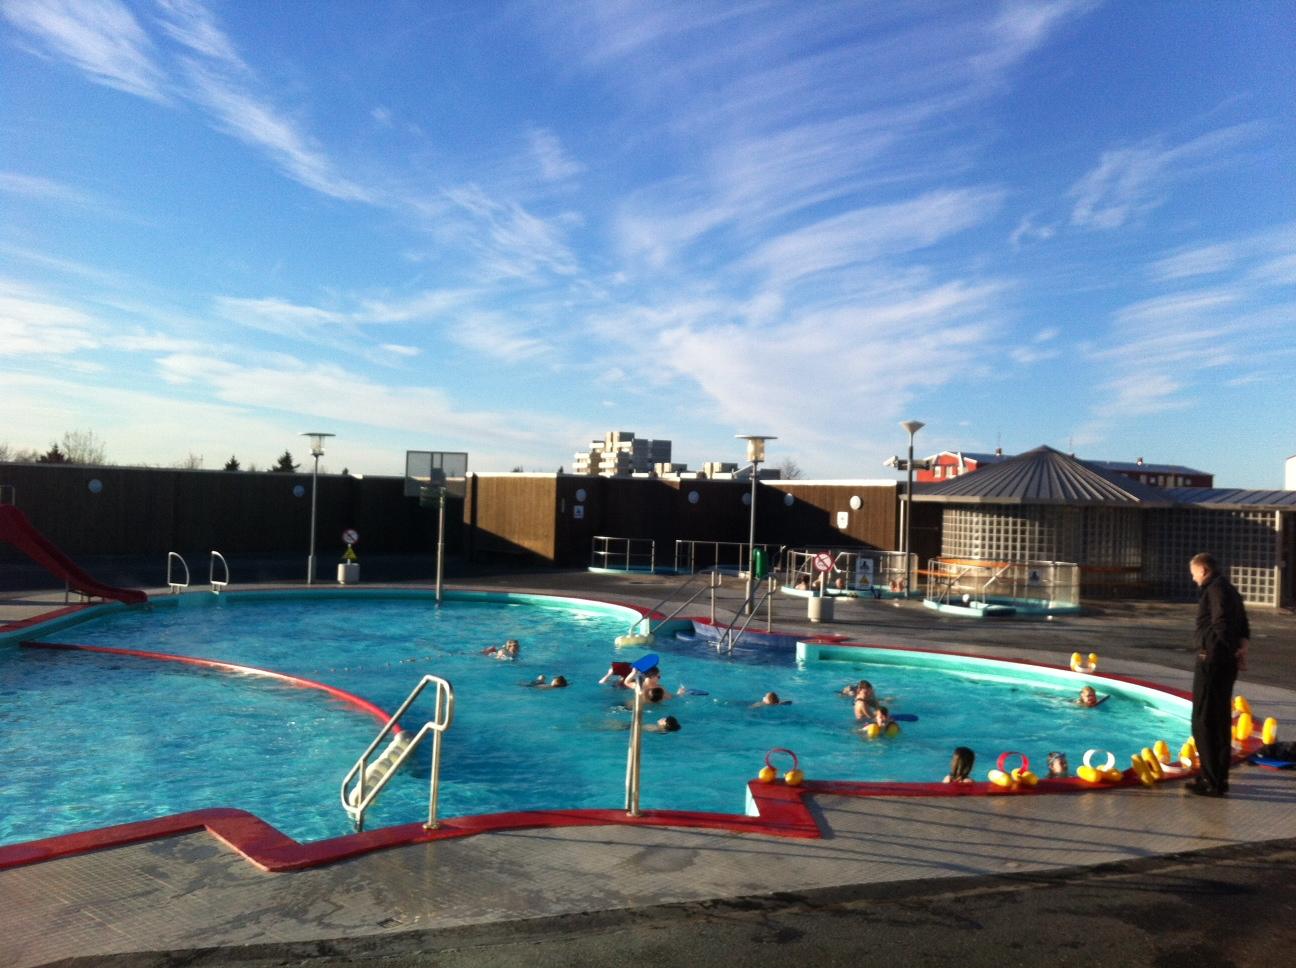 아이슬란드 레이캬비크에 위치한 최고의 공공 수영장 정보